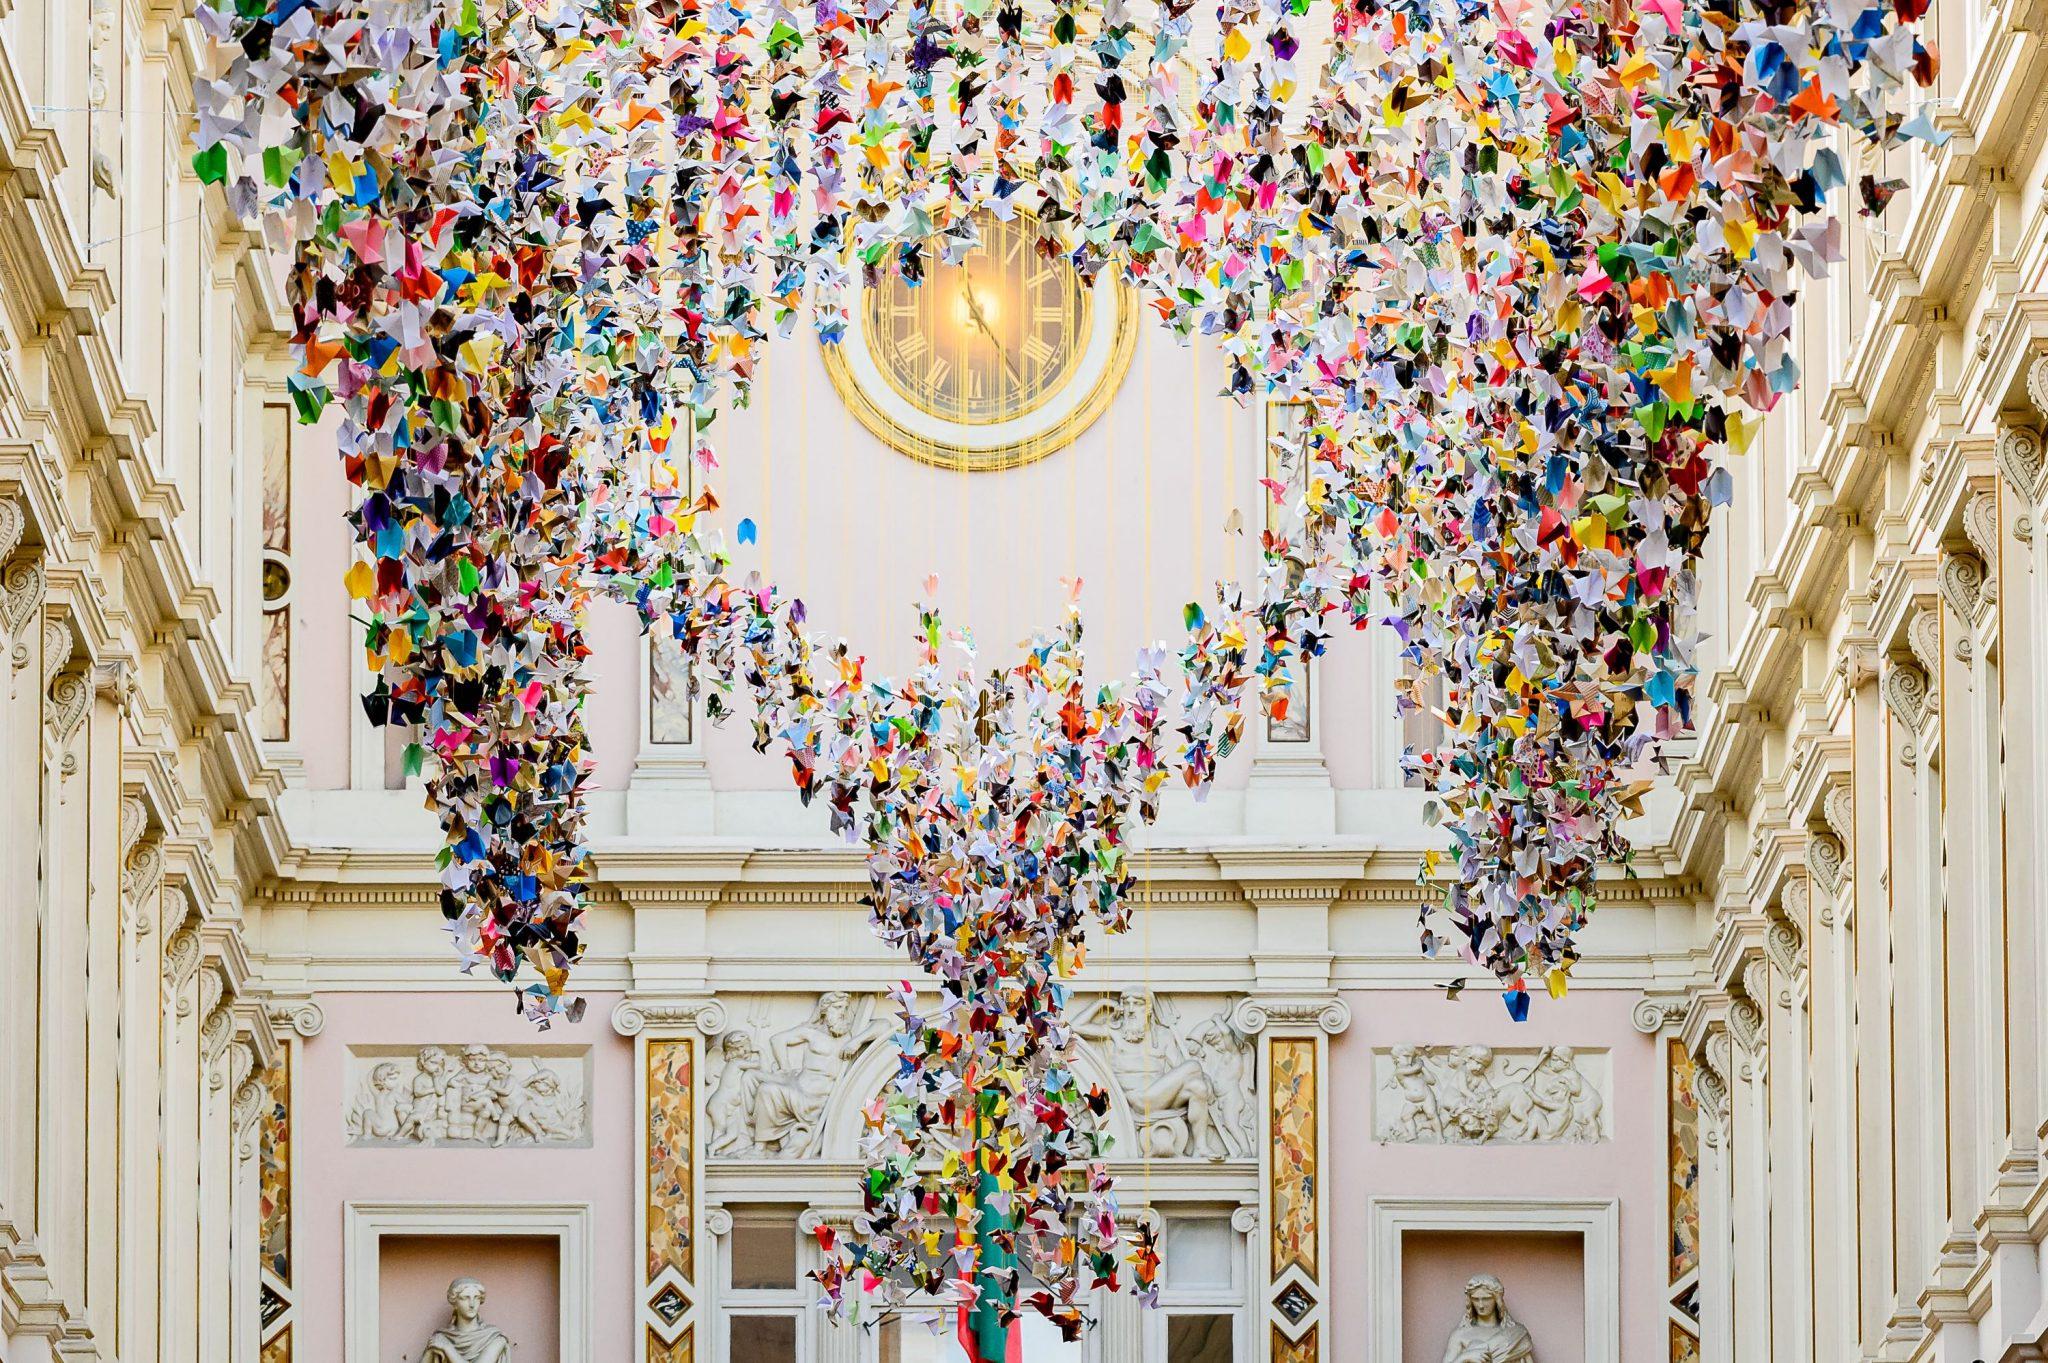 Duizenden origami's fleuren Koninklijke Sint-Hubertusgalerijen in Brussel op - 1